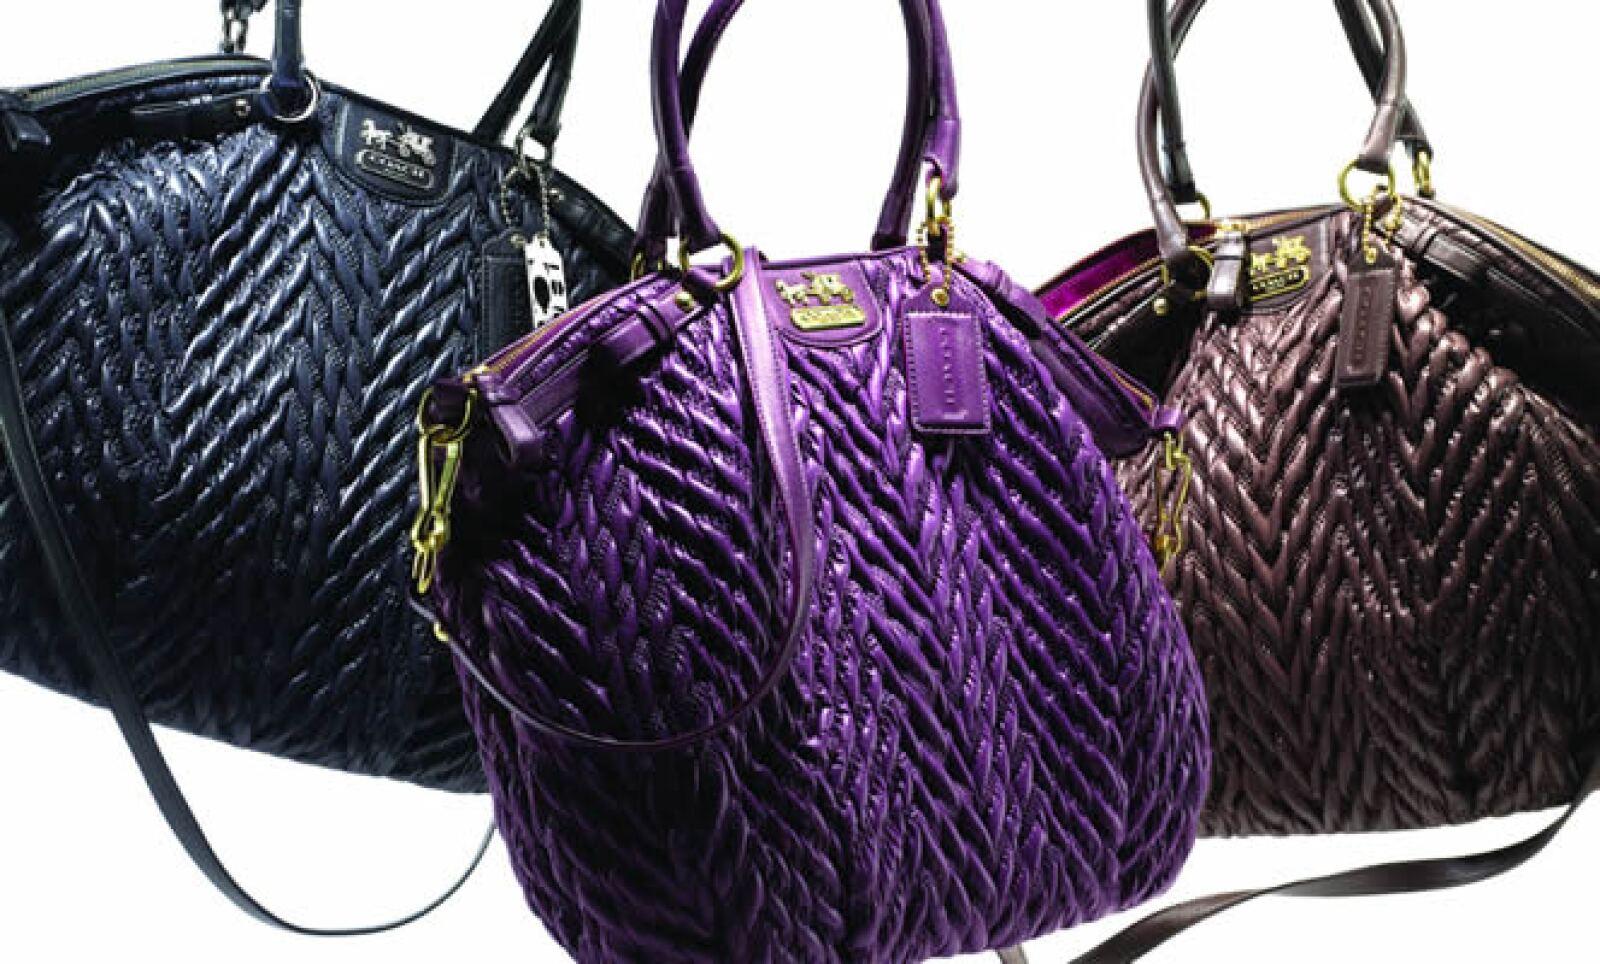 La bolsa Madison Quilted Chevron Lindsey de cuero adornado se inspira en la ropa para esquiar de los años setenta y viene en colores de otoño, como ciruela y caoba.